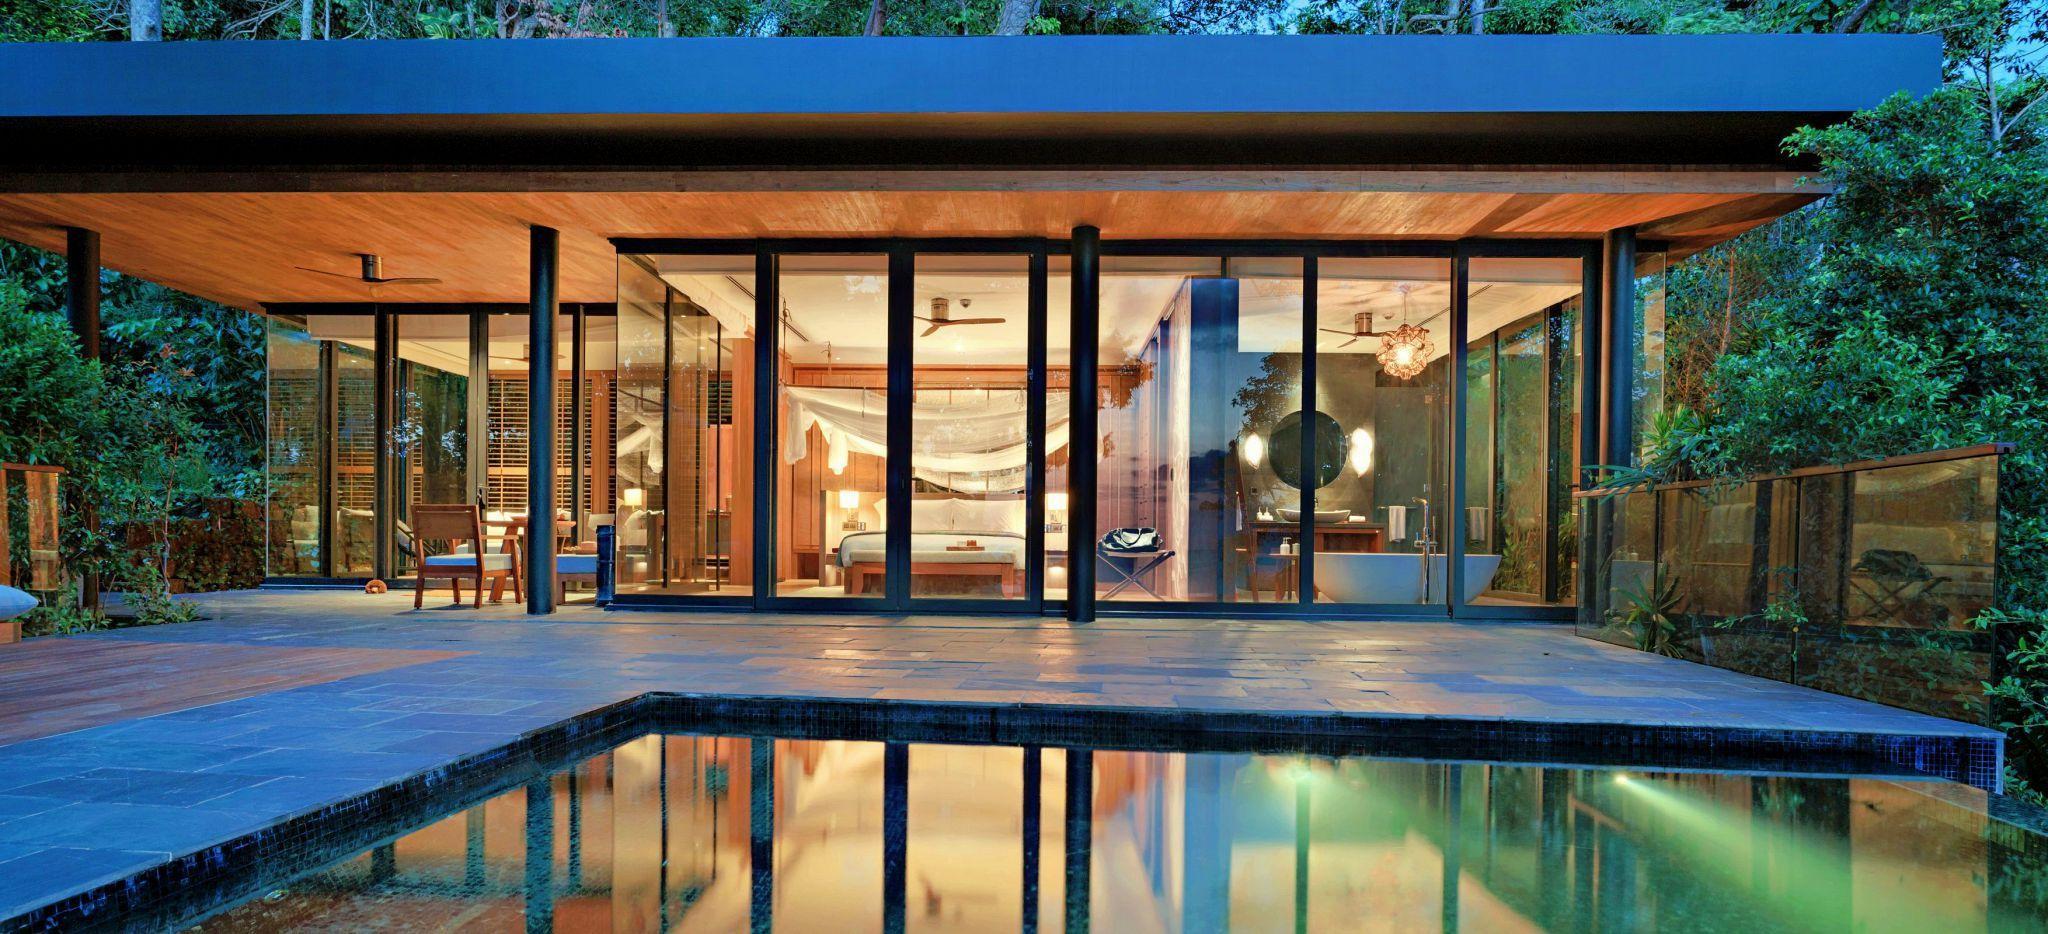 Modernes Villa-Hotelzimmer mit privatem Pool davor bei Nacht im Hotel Six Senses Krabey Island in Kambodscha